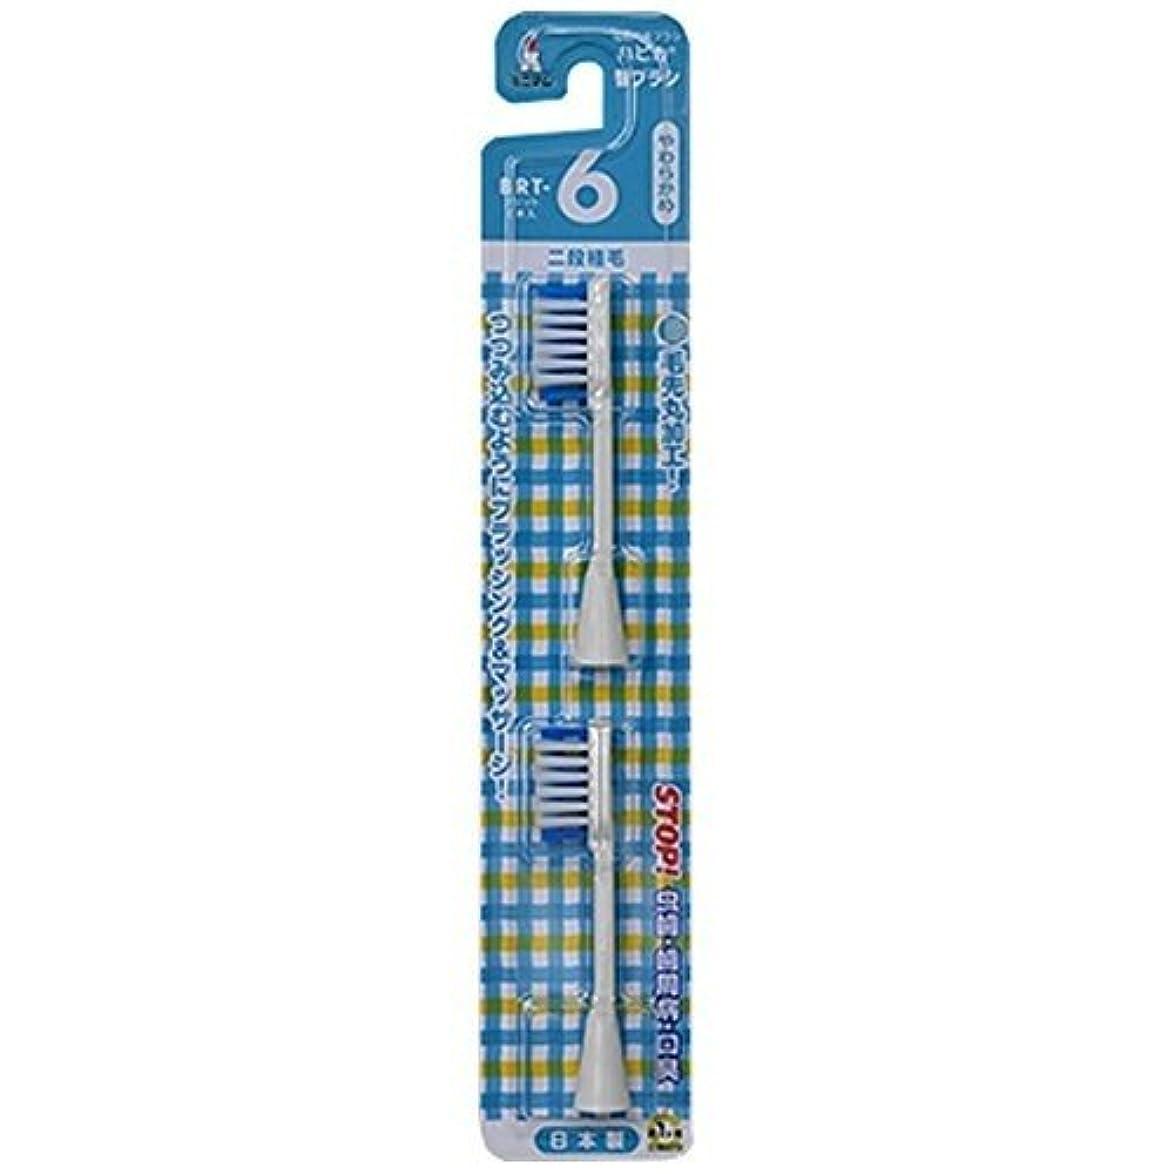 上へ直径派手ミニマム 電動付歯ブラシ ハピカ 専用替ブラシ 2段植毛 毛の硬さ:やわらかめ BRT-6 2個入